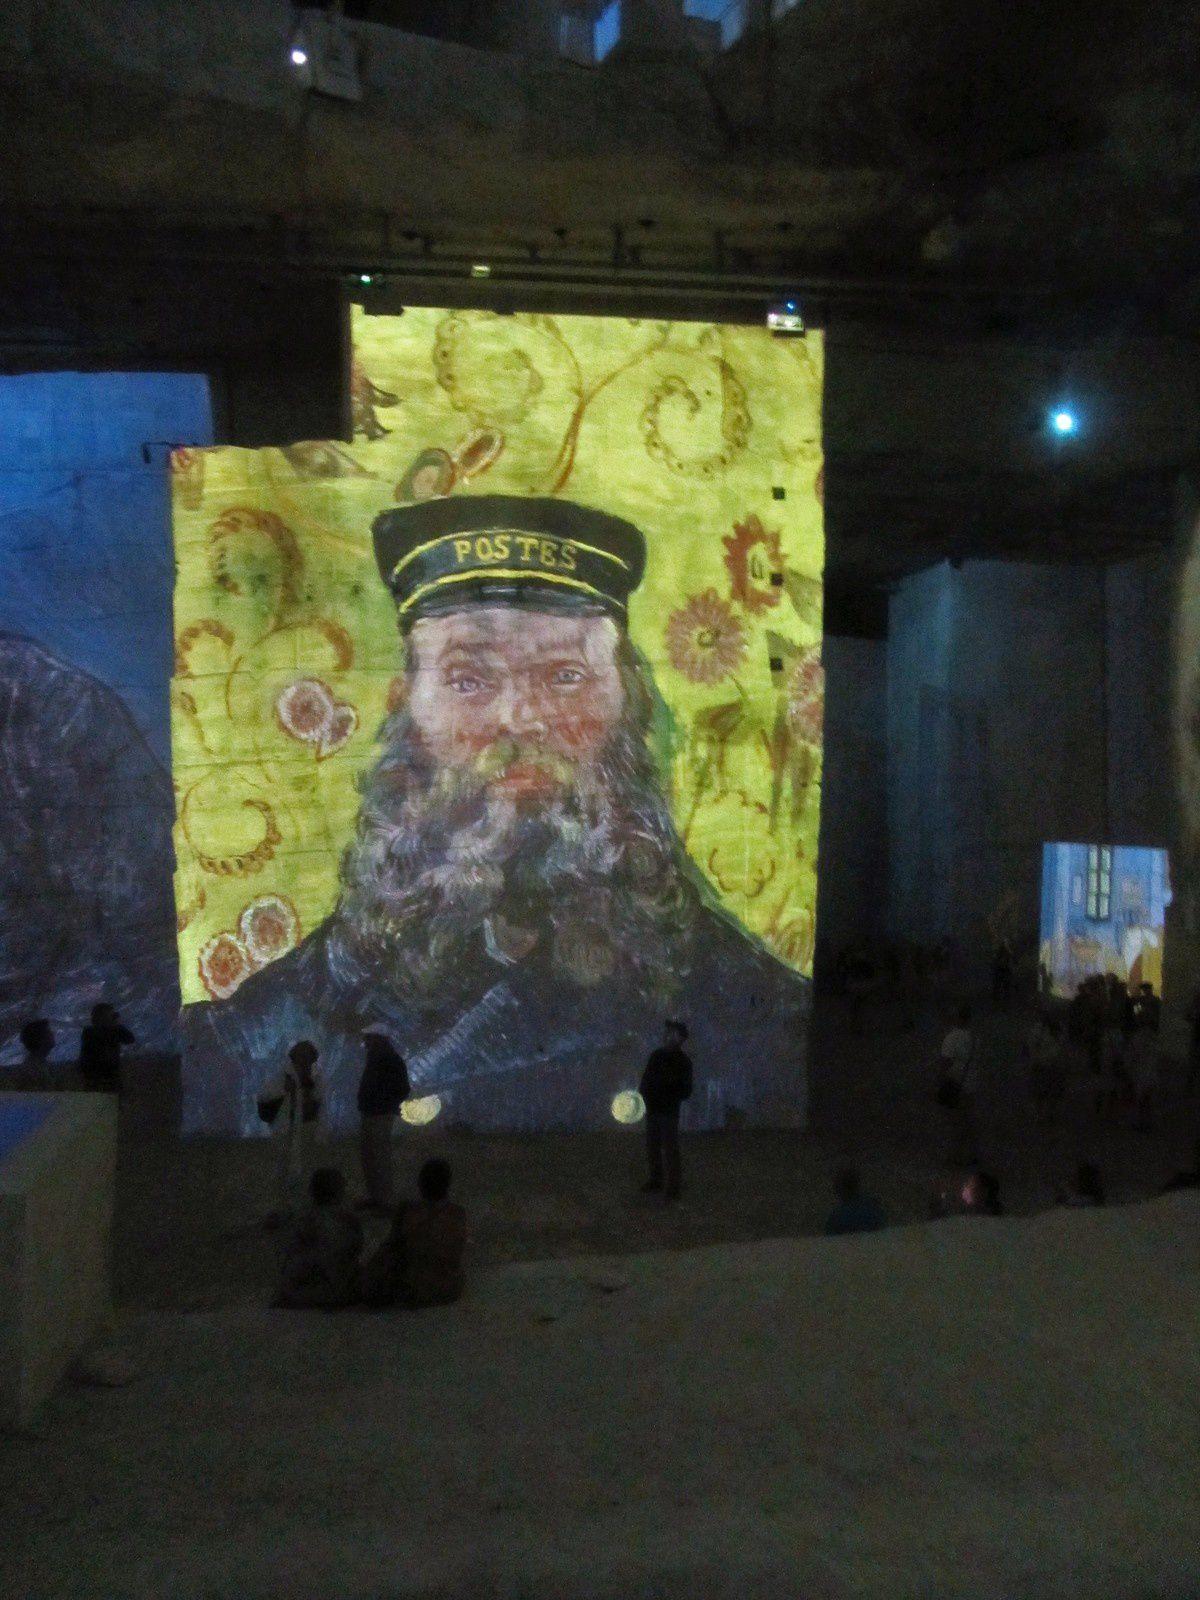 ça me rappelle le très beau portrait du facteur peint par Van Gogh. L'artiste en quète de modèle l'avait rencontré au café de la gare, et l'avait peint au moins 6 fois (presqu'une collection !)